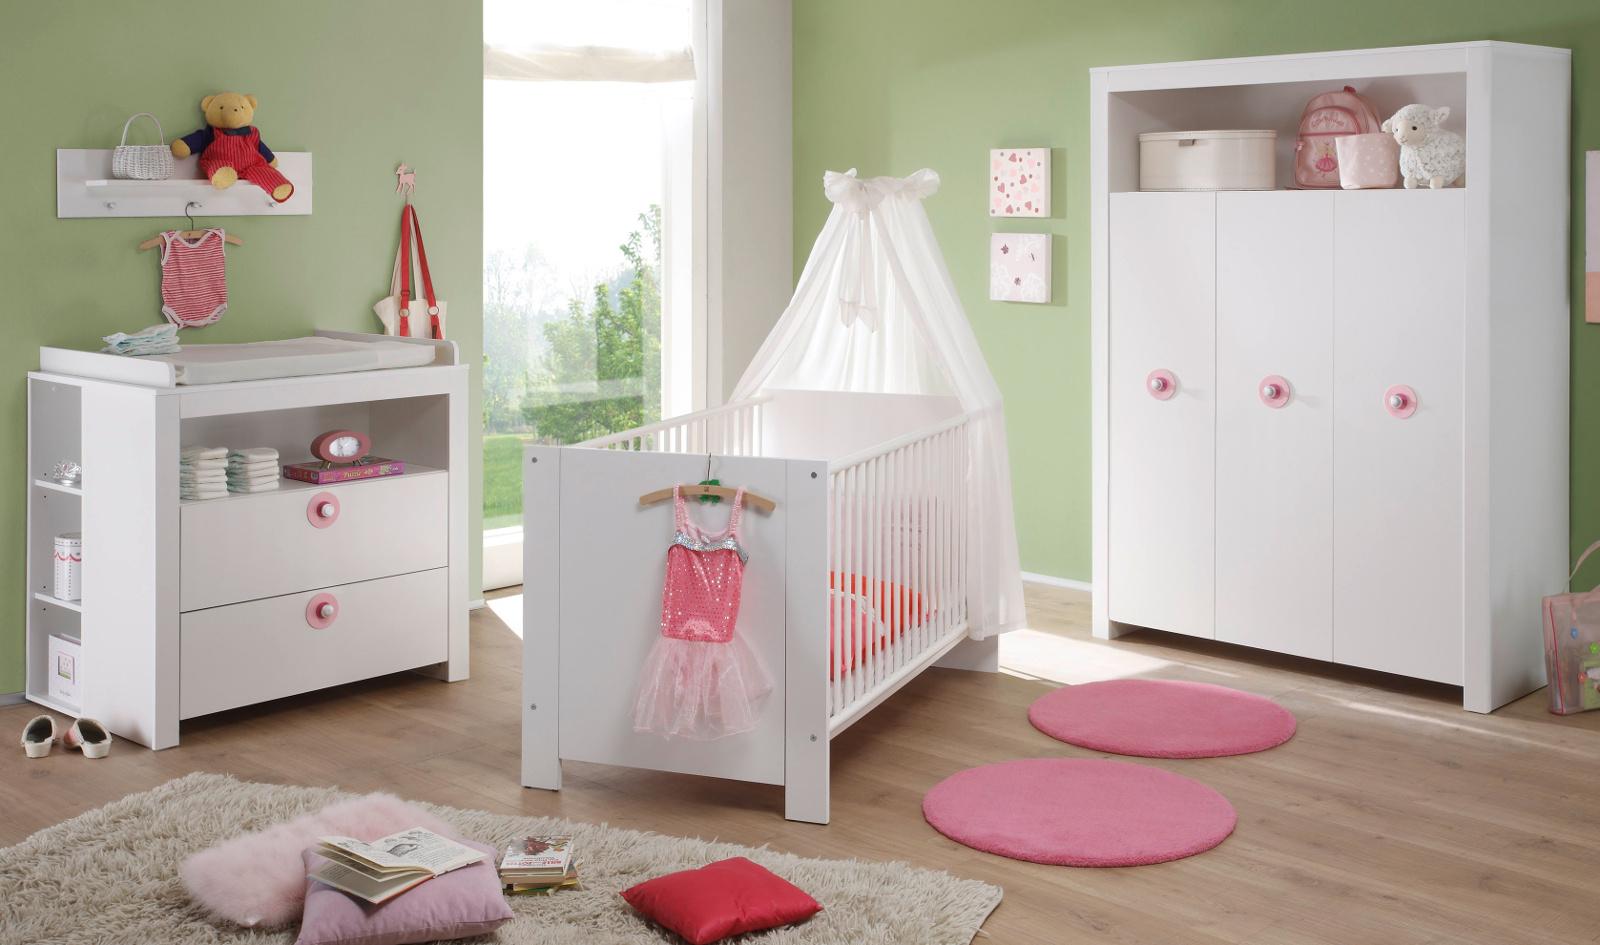 babyzimmer de | jtleigh - hausgestaltung ideen